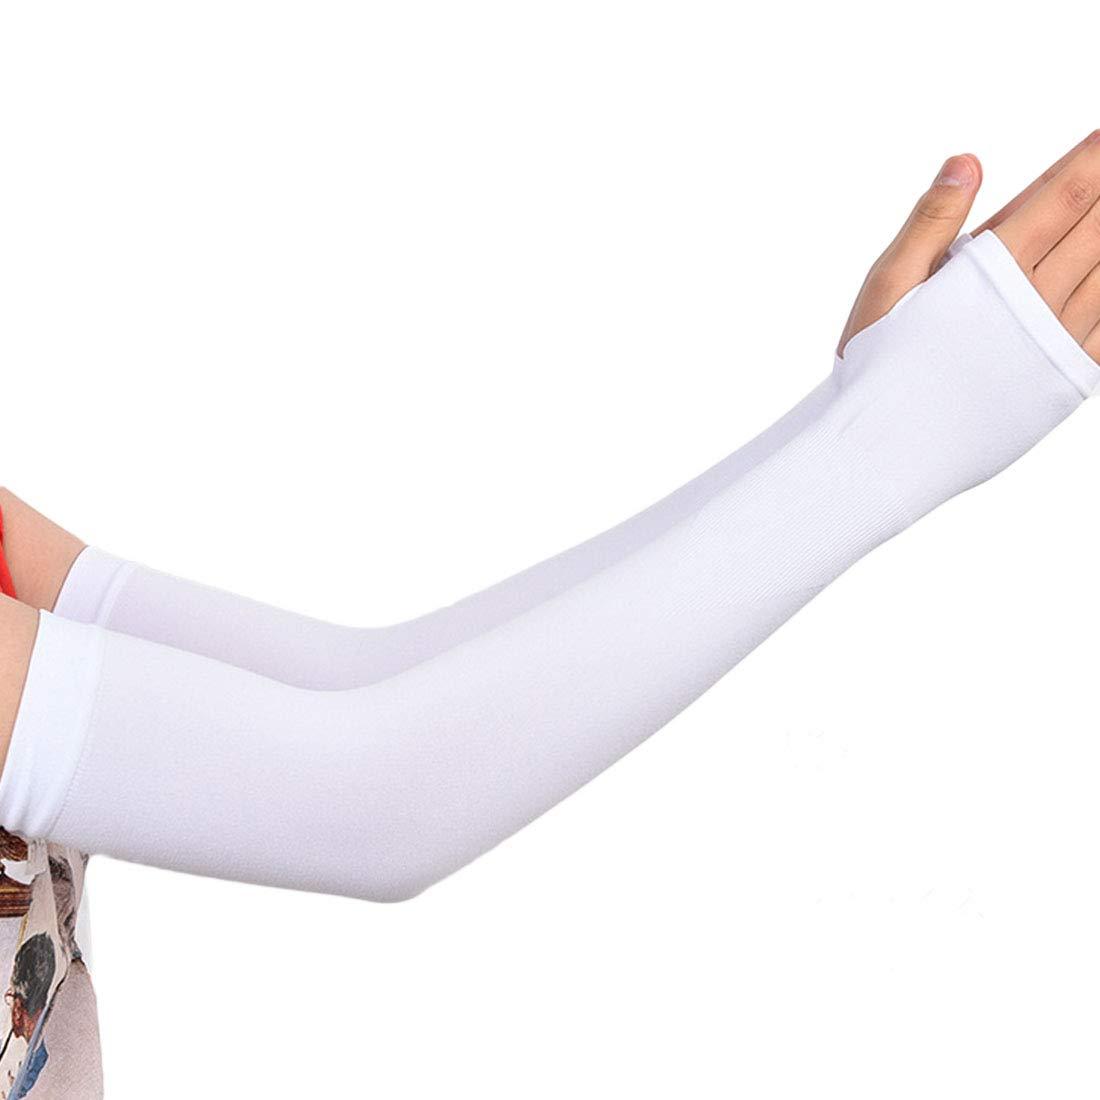 qianzhi Unisexe Et/é Manchettes Refroidissement Cool Couverture Sun Block Protection UV pour Sports De Plein Air Courir Randonn/ée V/élo P/êche